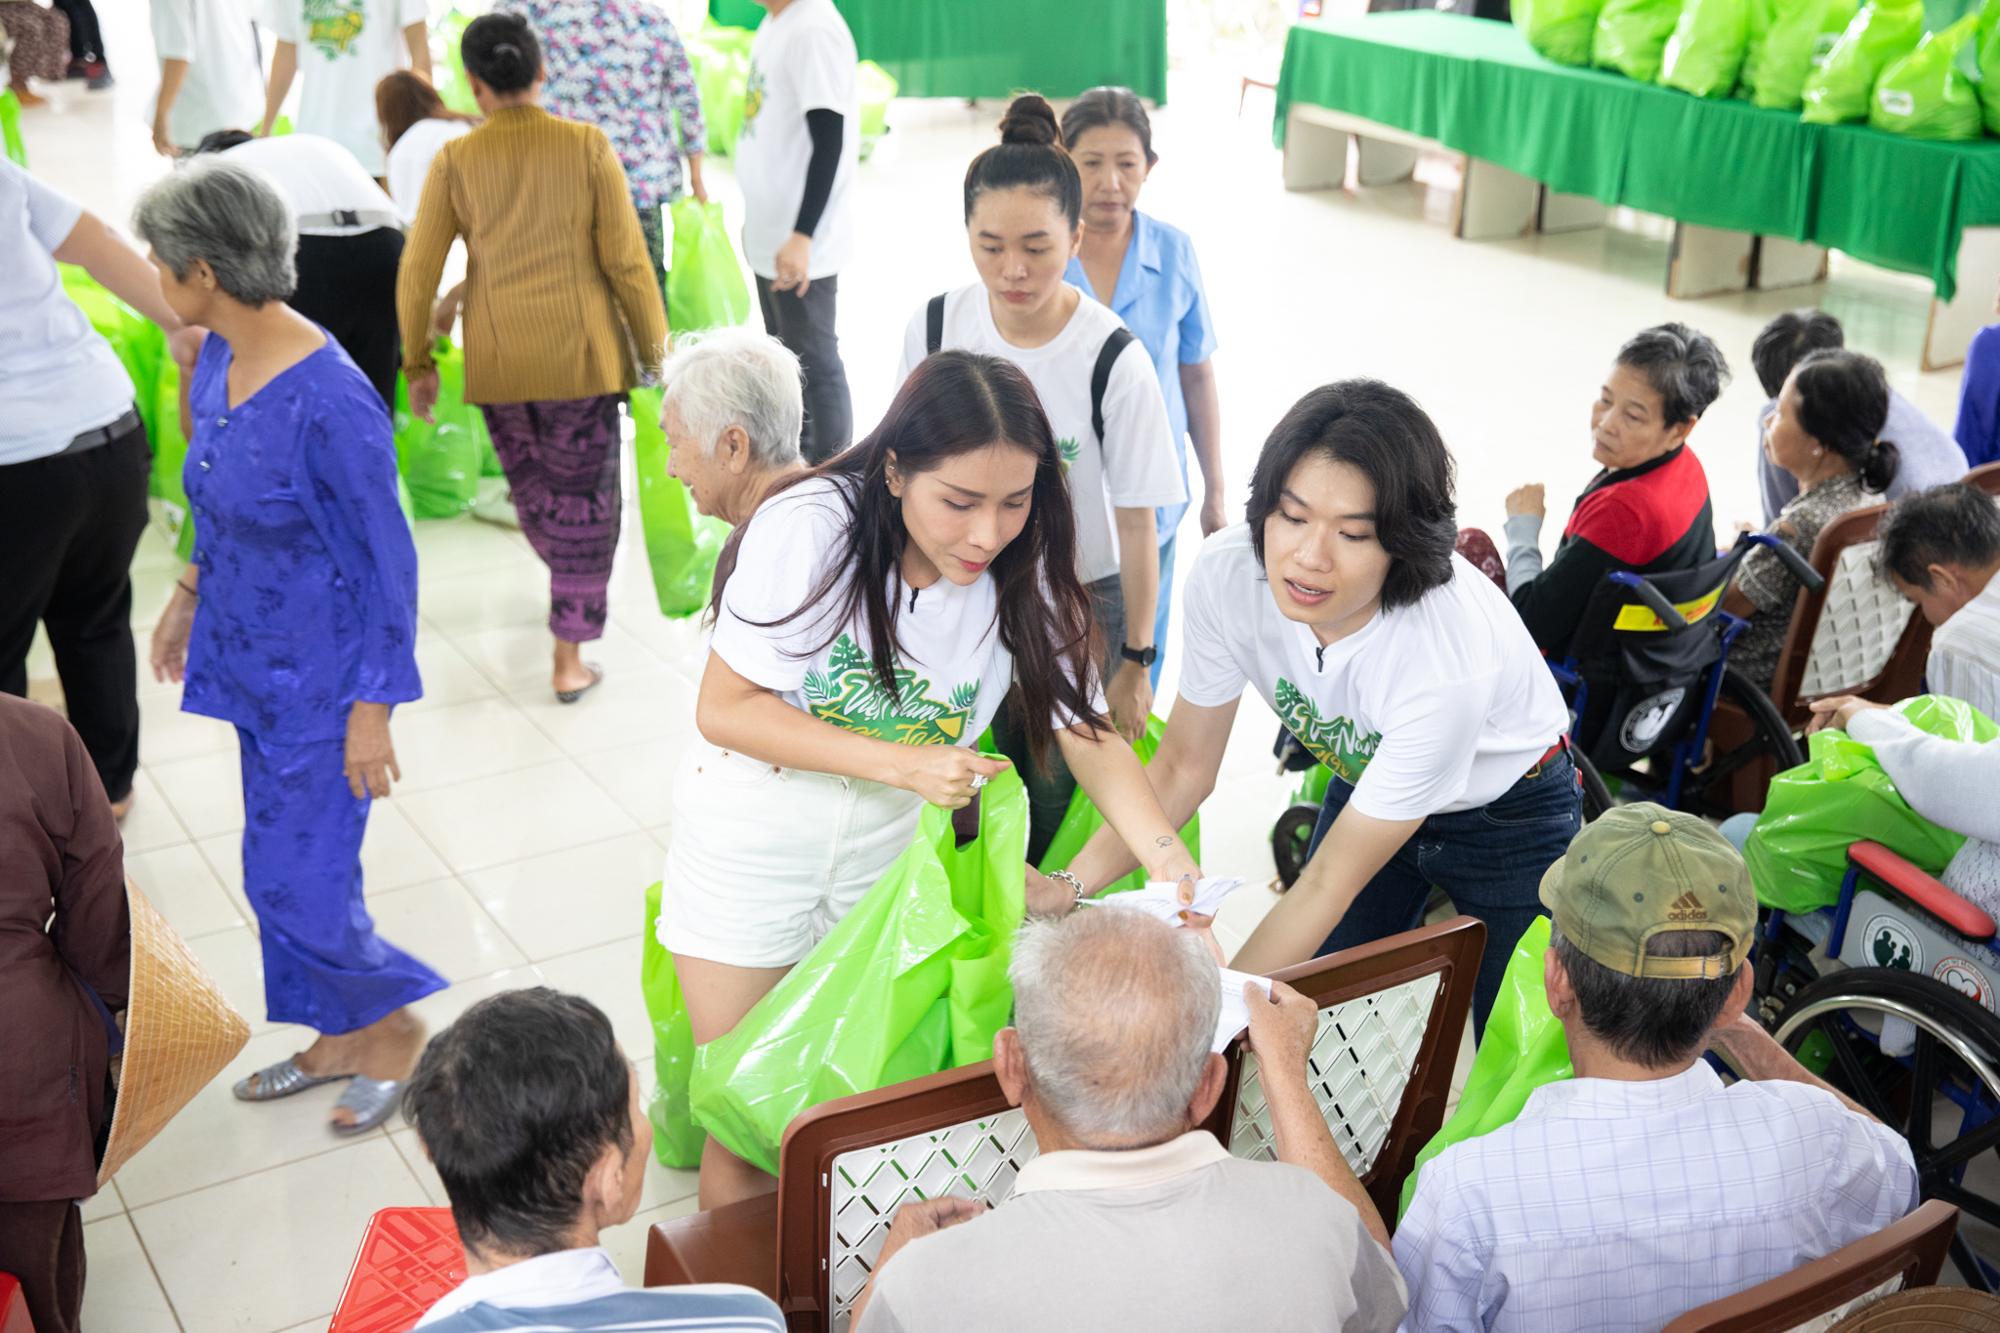 Xúc động với hình ảnh hội bạn thân cùng NSƯT Thoại Mỹ  thăm hỏi và trao quà tại Trung tâm nuôi dưỡng người già và trẻ em thành phố Cần Thơ